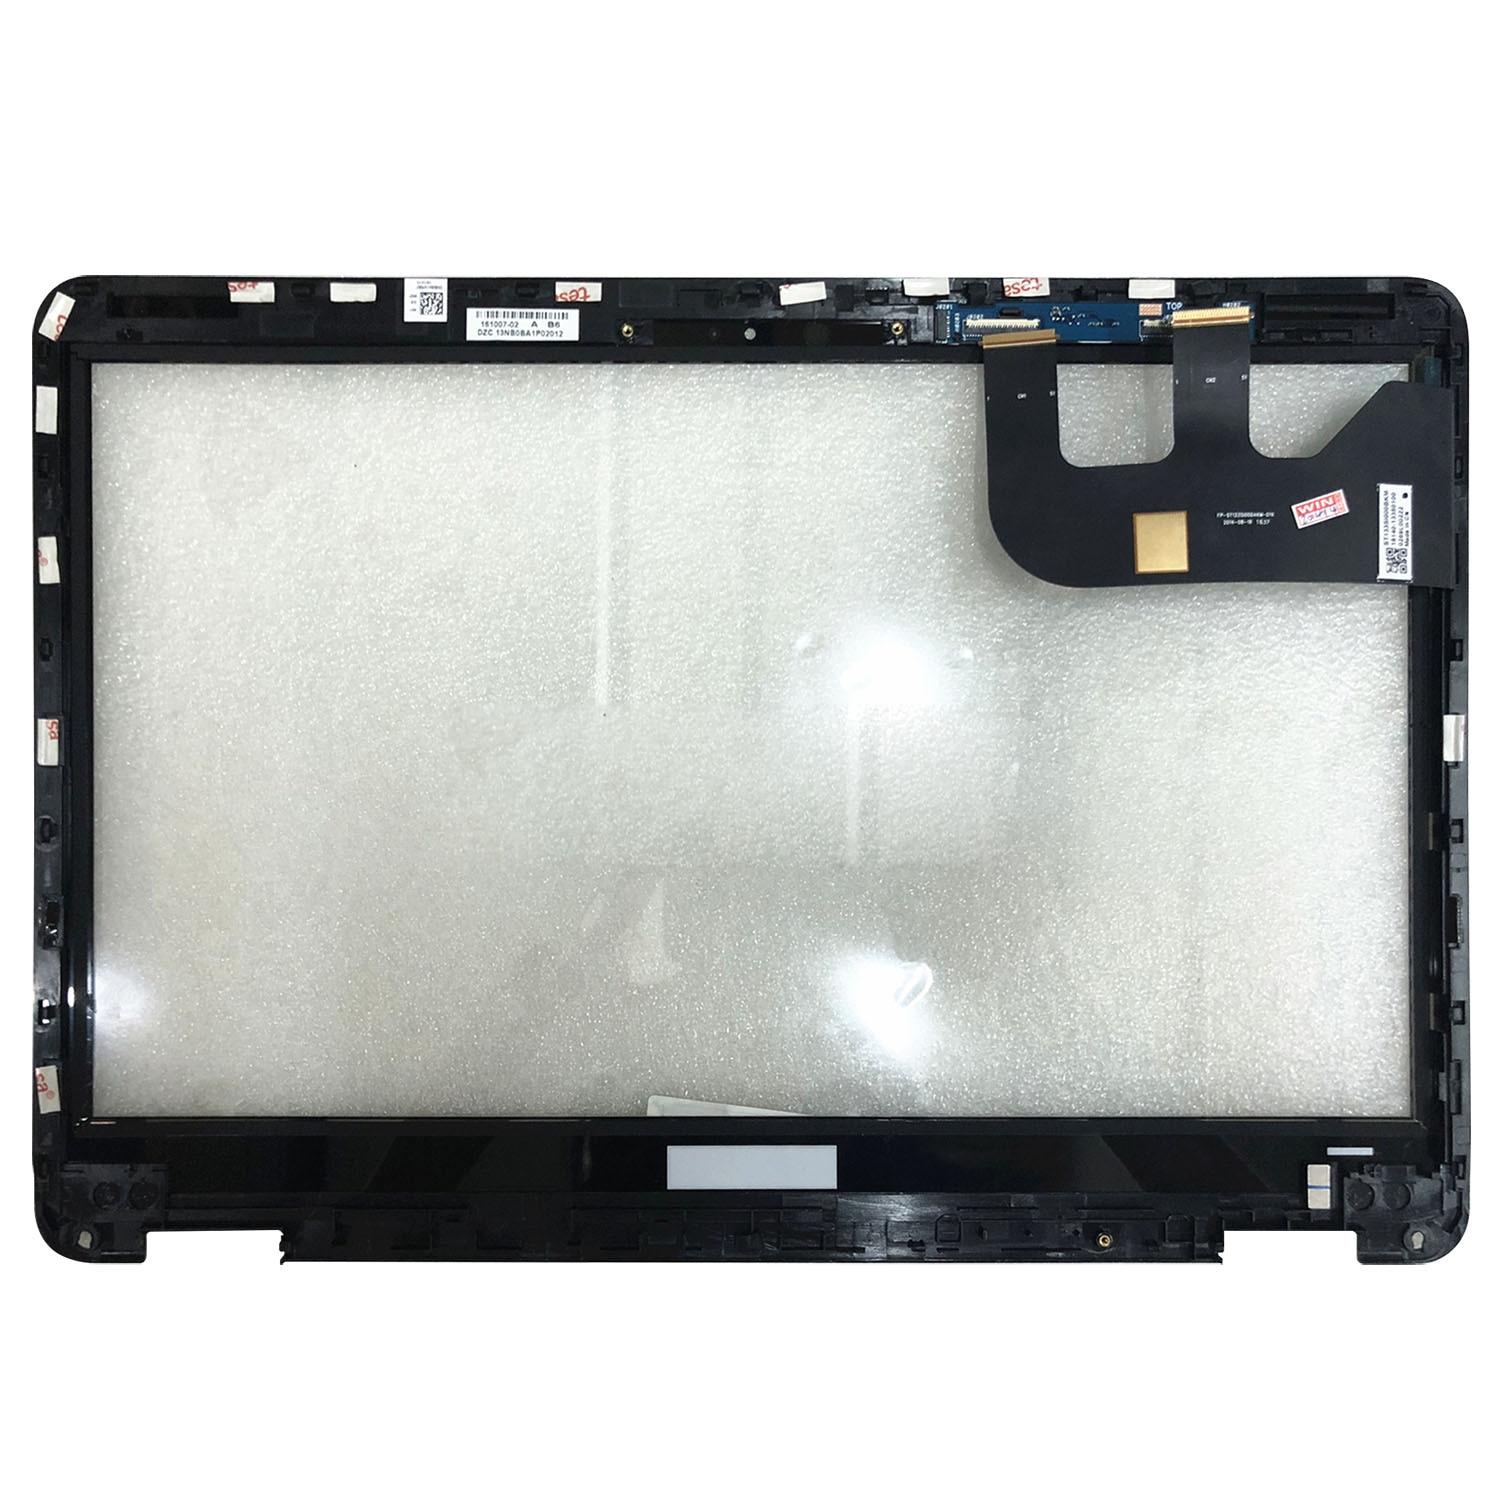 قطع غيار زجاجية تعمل باللمس لأجهزة Asus Zenbook UX360C UX360CA مقاس 13.3 بوصة